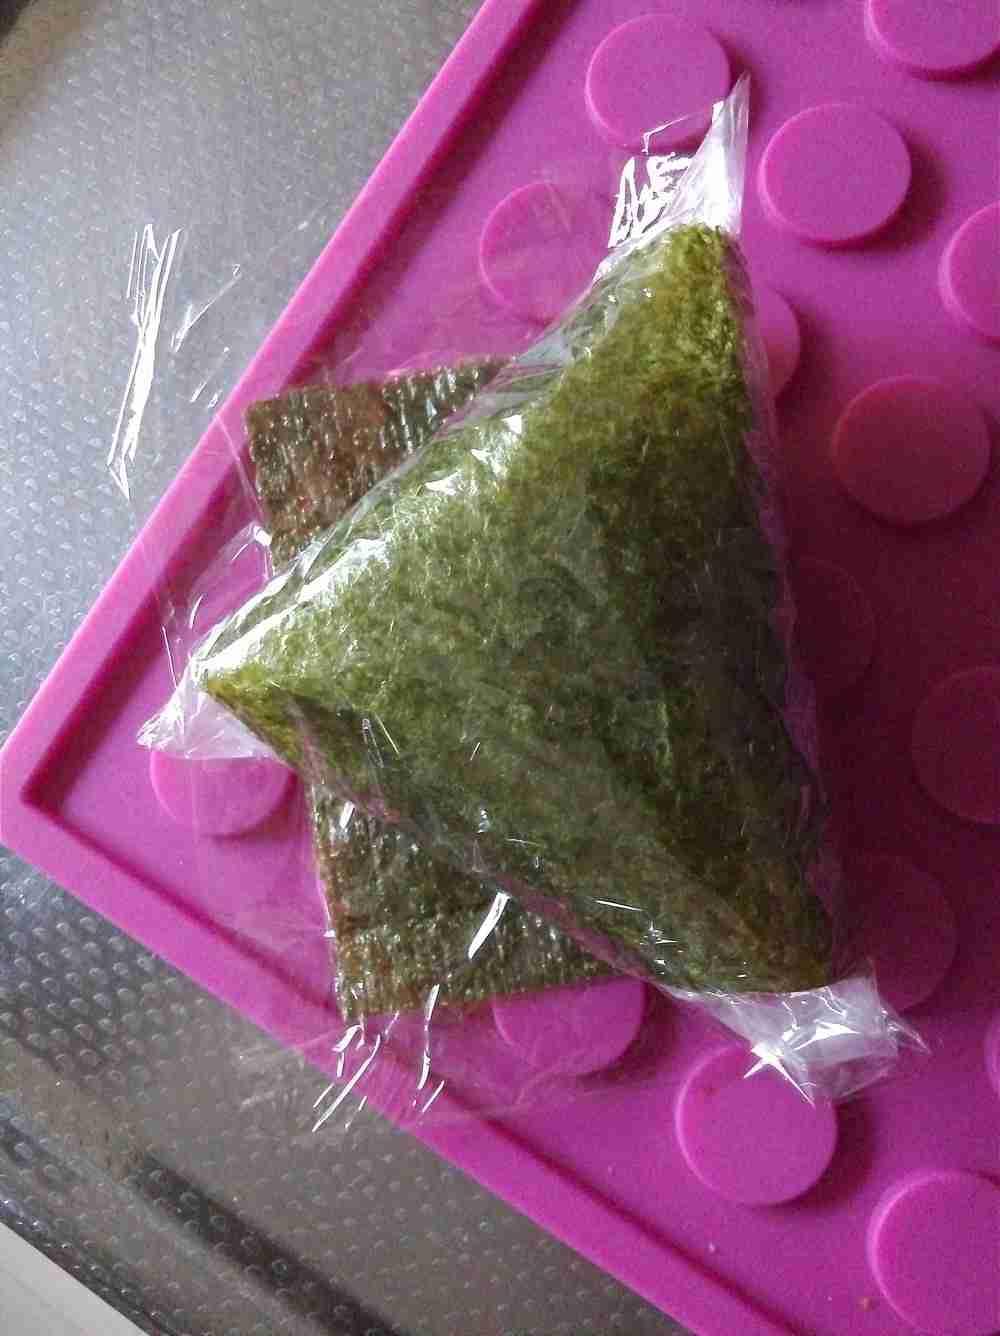 【海苔パリパリ】「コンビニおにぎり」の包装はラップで自作できた!